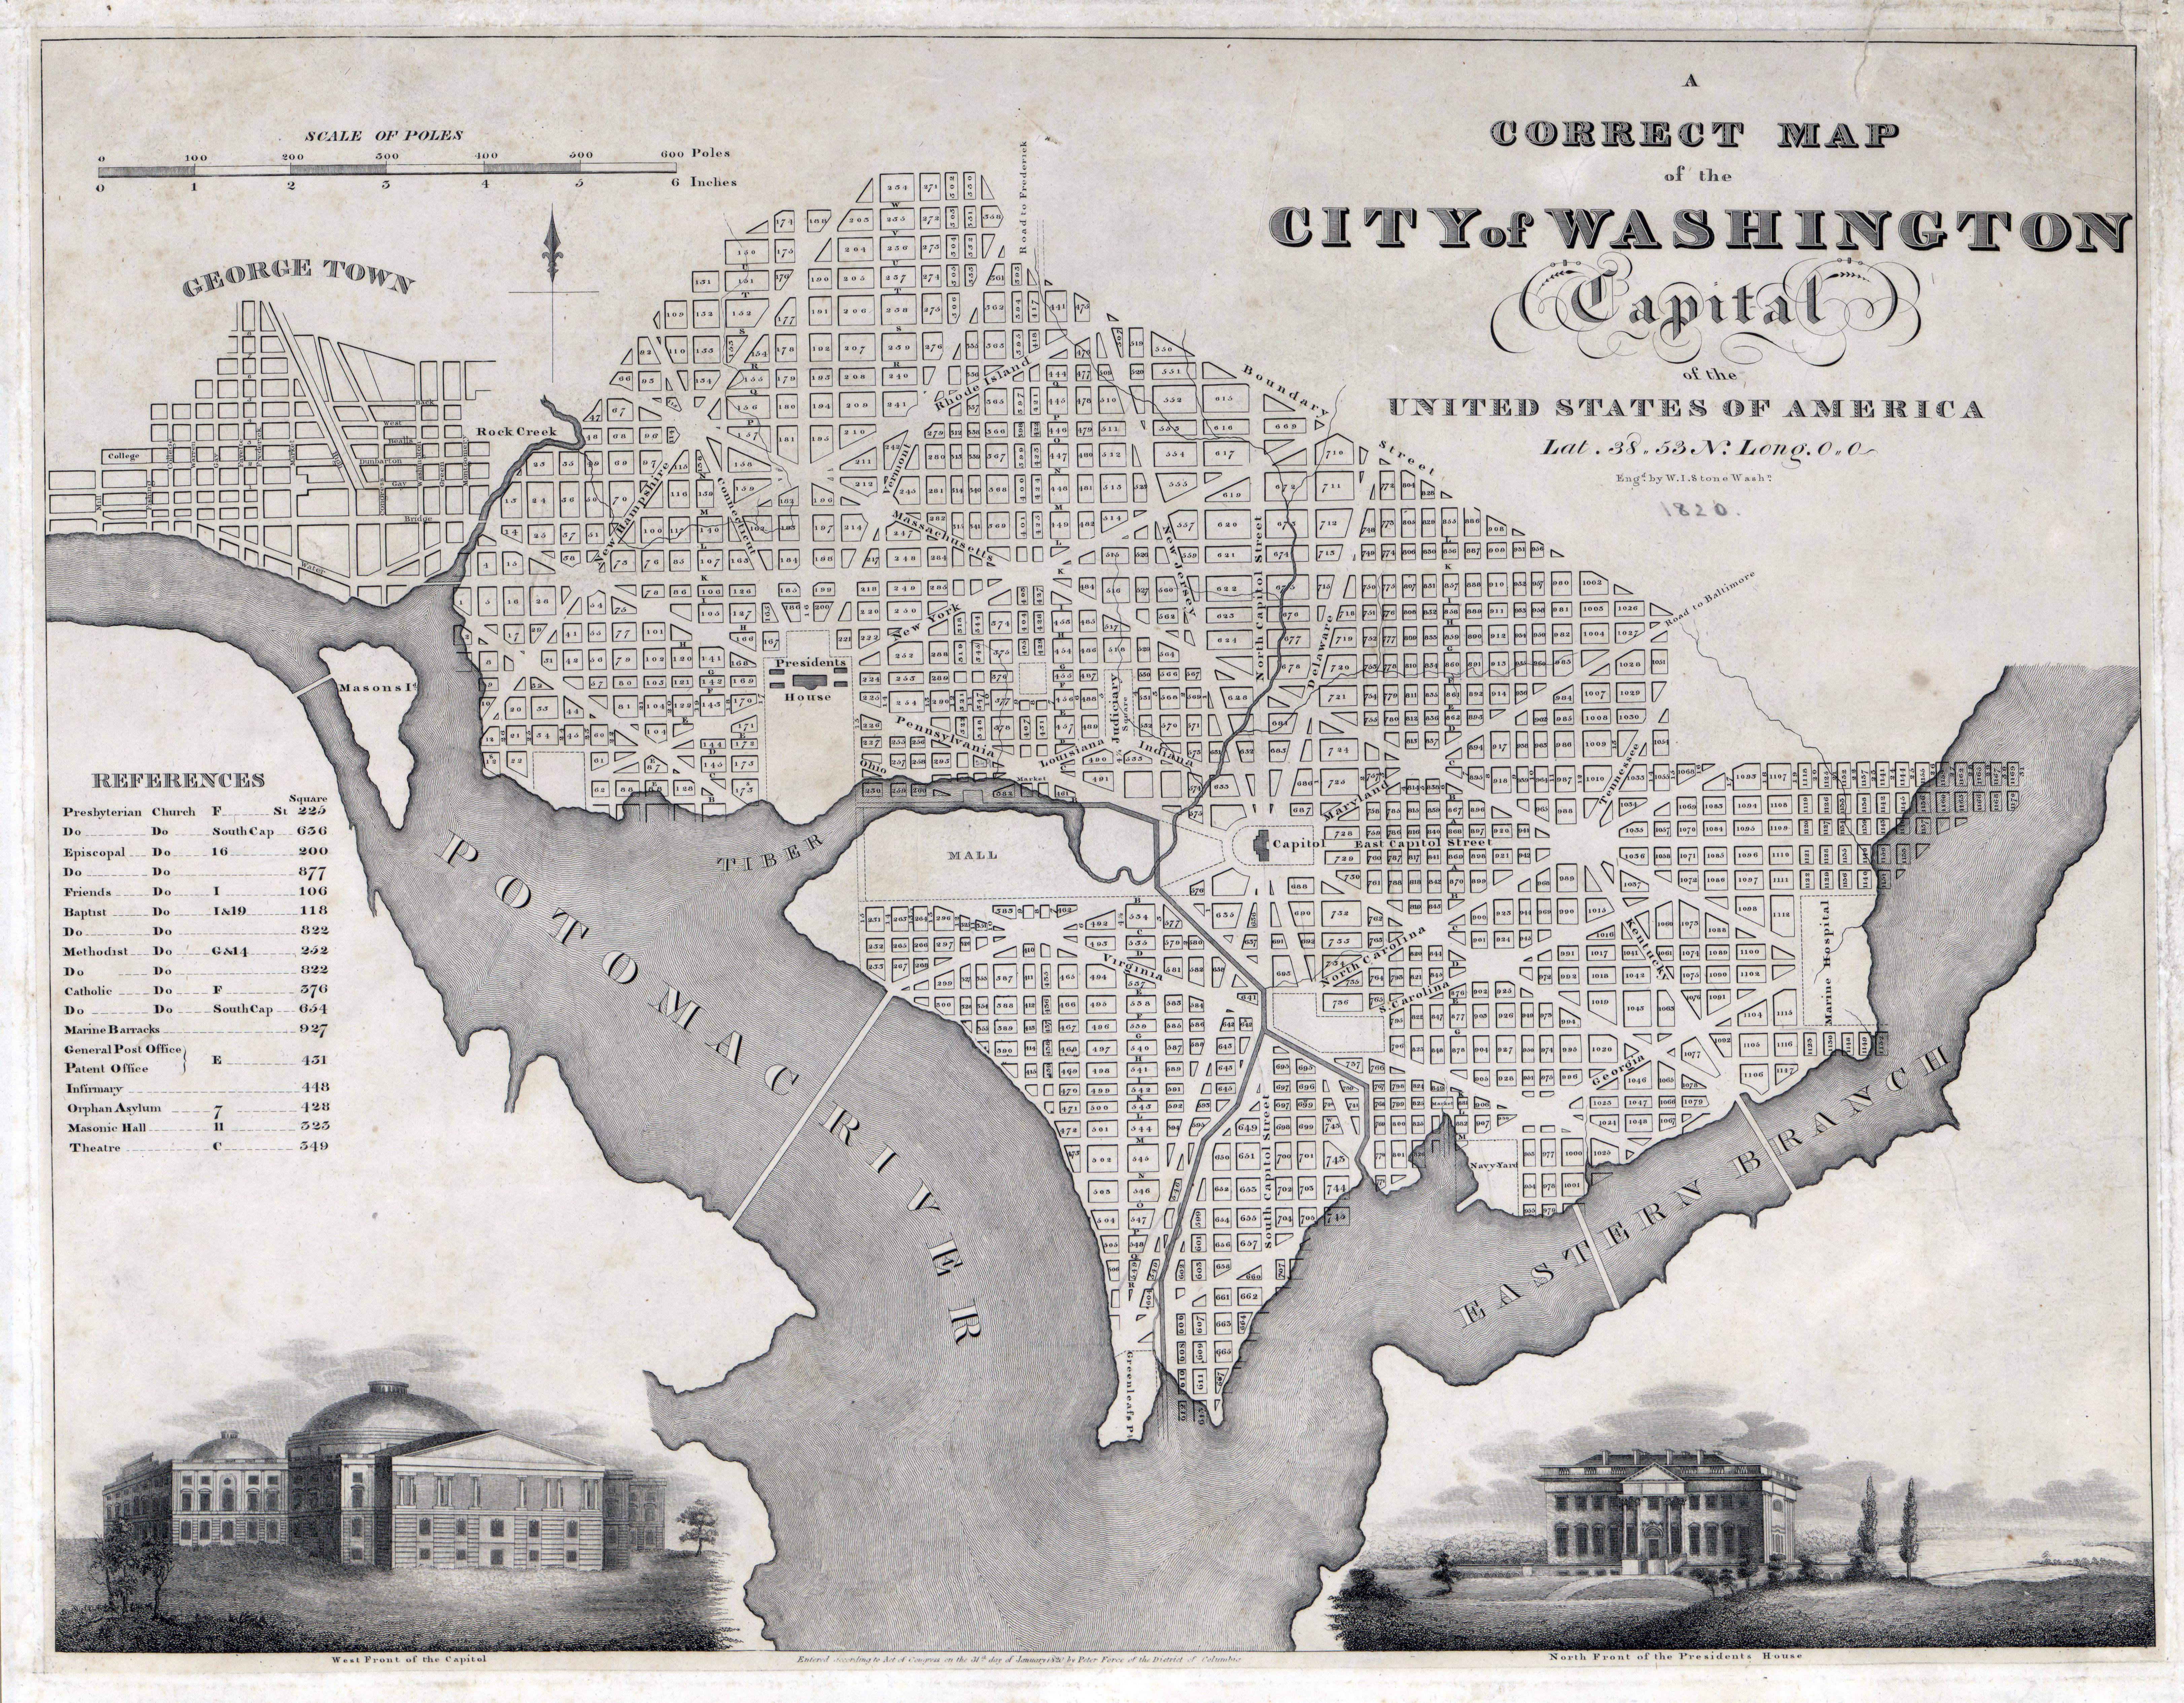 Map Of America 1820.Large Scale Old Map Of The City Of Washington 1820 Washington